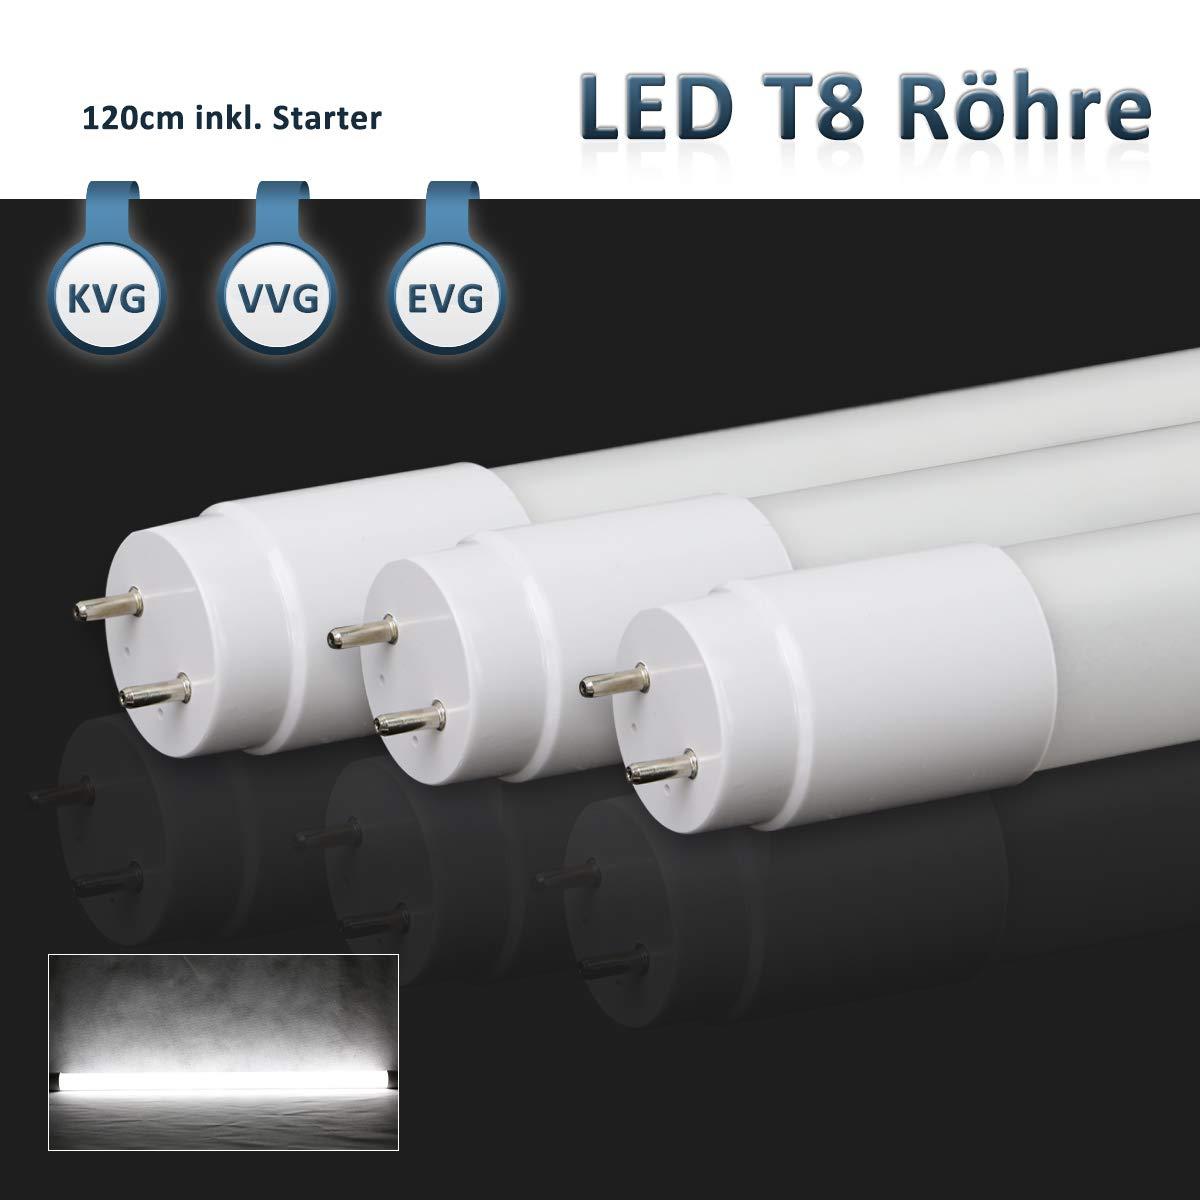 [10er PACK zum Sparpreis] SBARTAR LED Leuchtstoffröhre 120cm Kaltweiß 6500K 17W - Neonröhre 36 Watt - Ersatz für T8 Rasterleuchte Bürolampe Deckenleuchte/Leuchtstofflampe - 1960lm - inkl. Starter